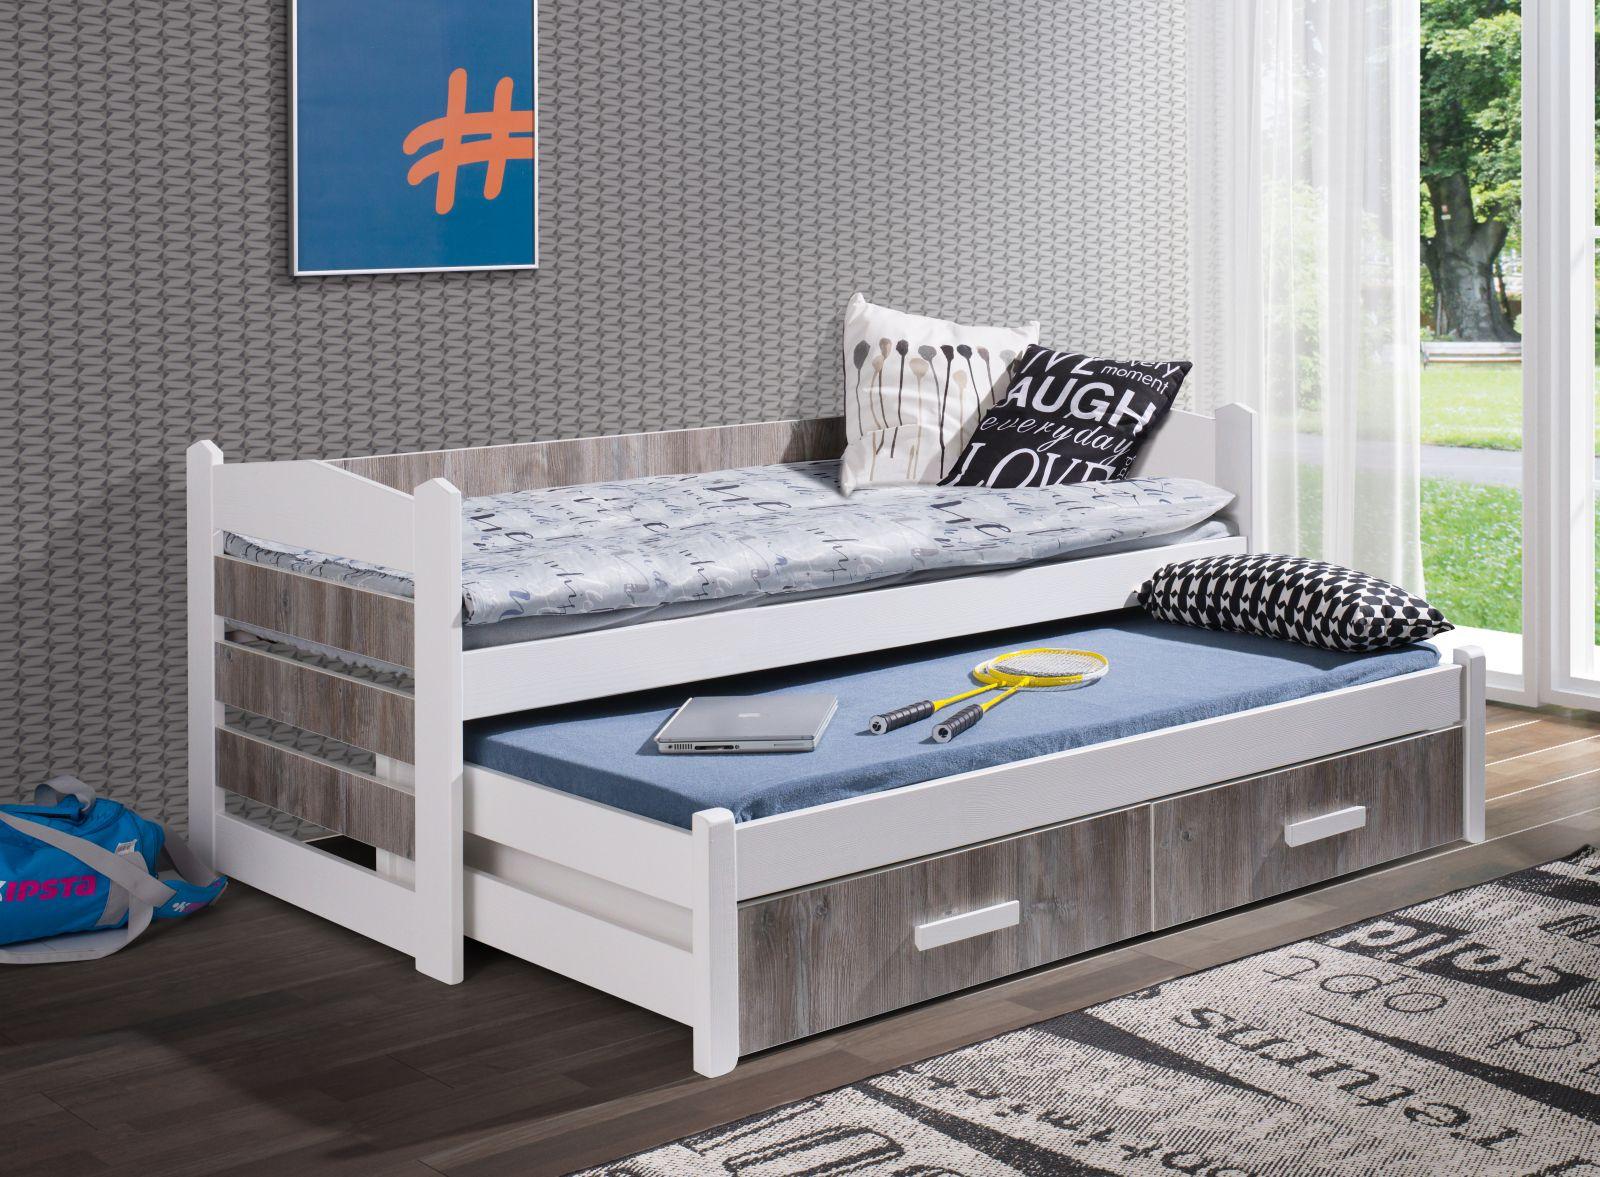 MebloBed Rozkládací postel Tiago s úložným prostorem